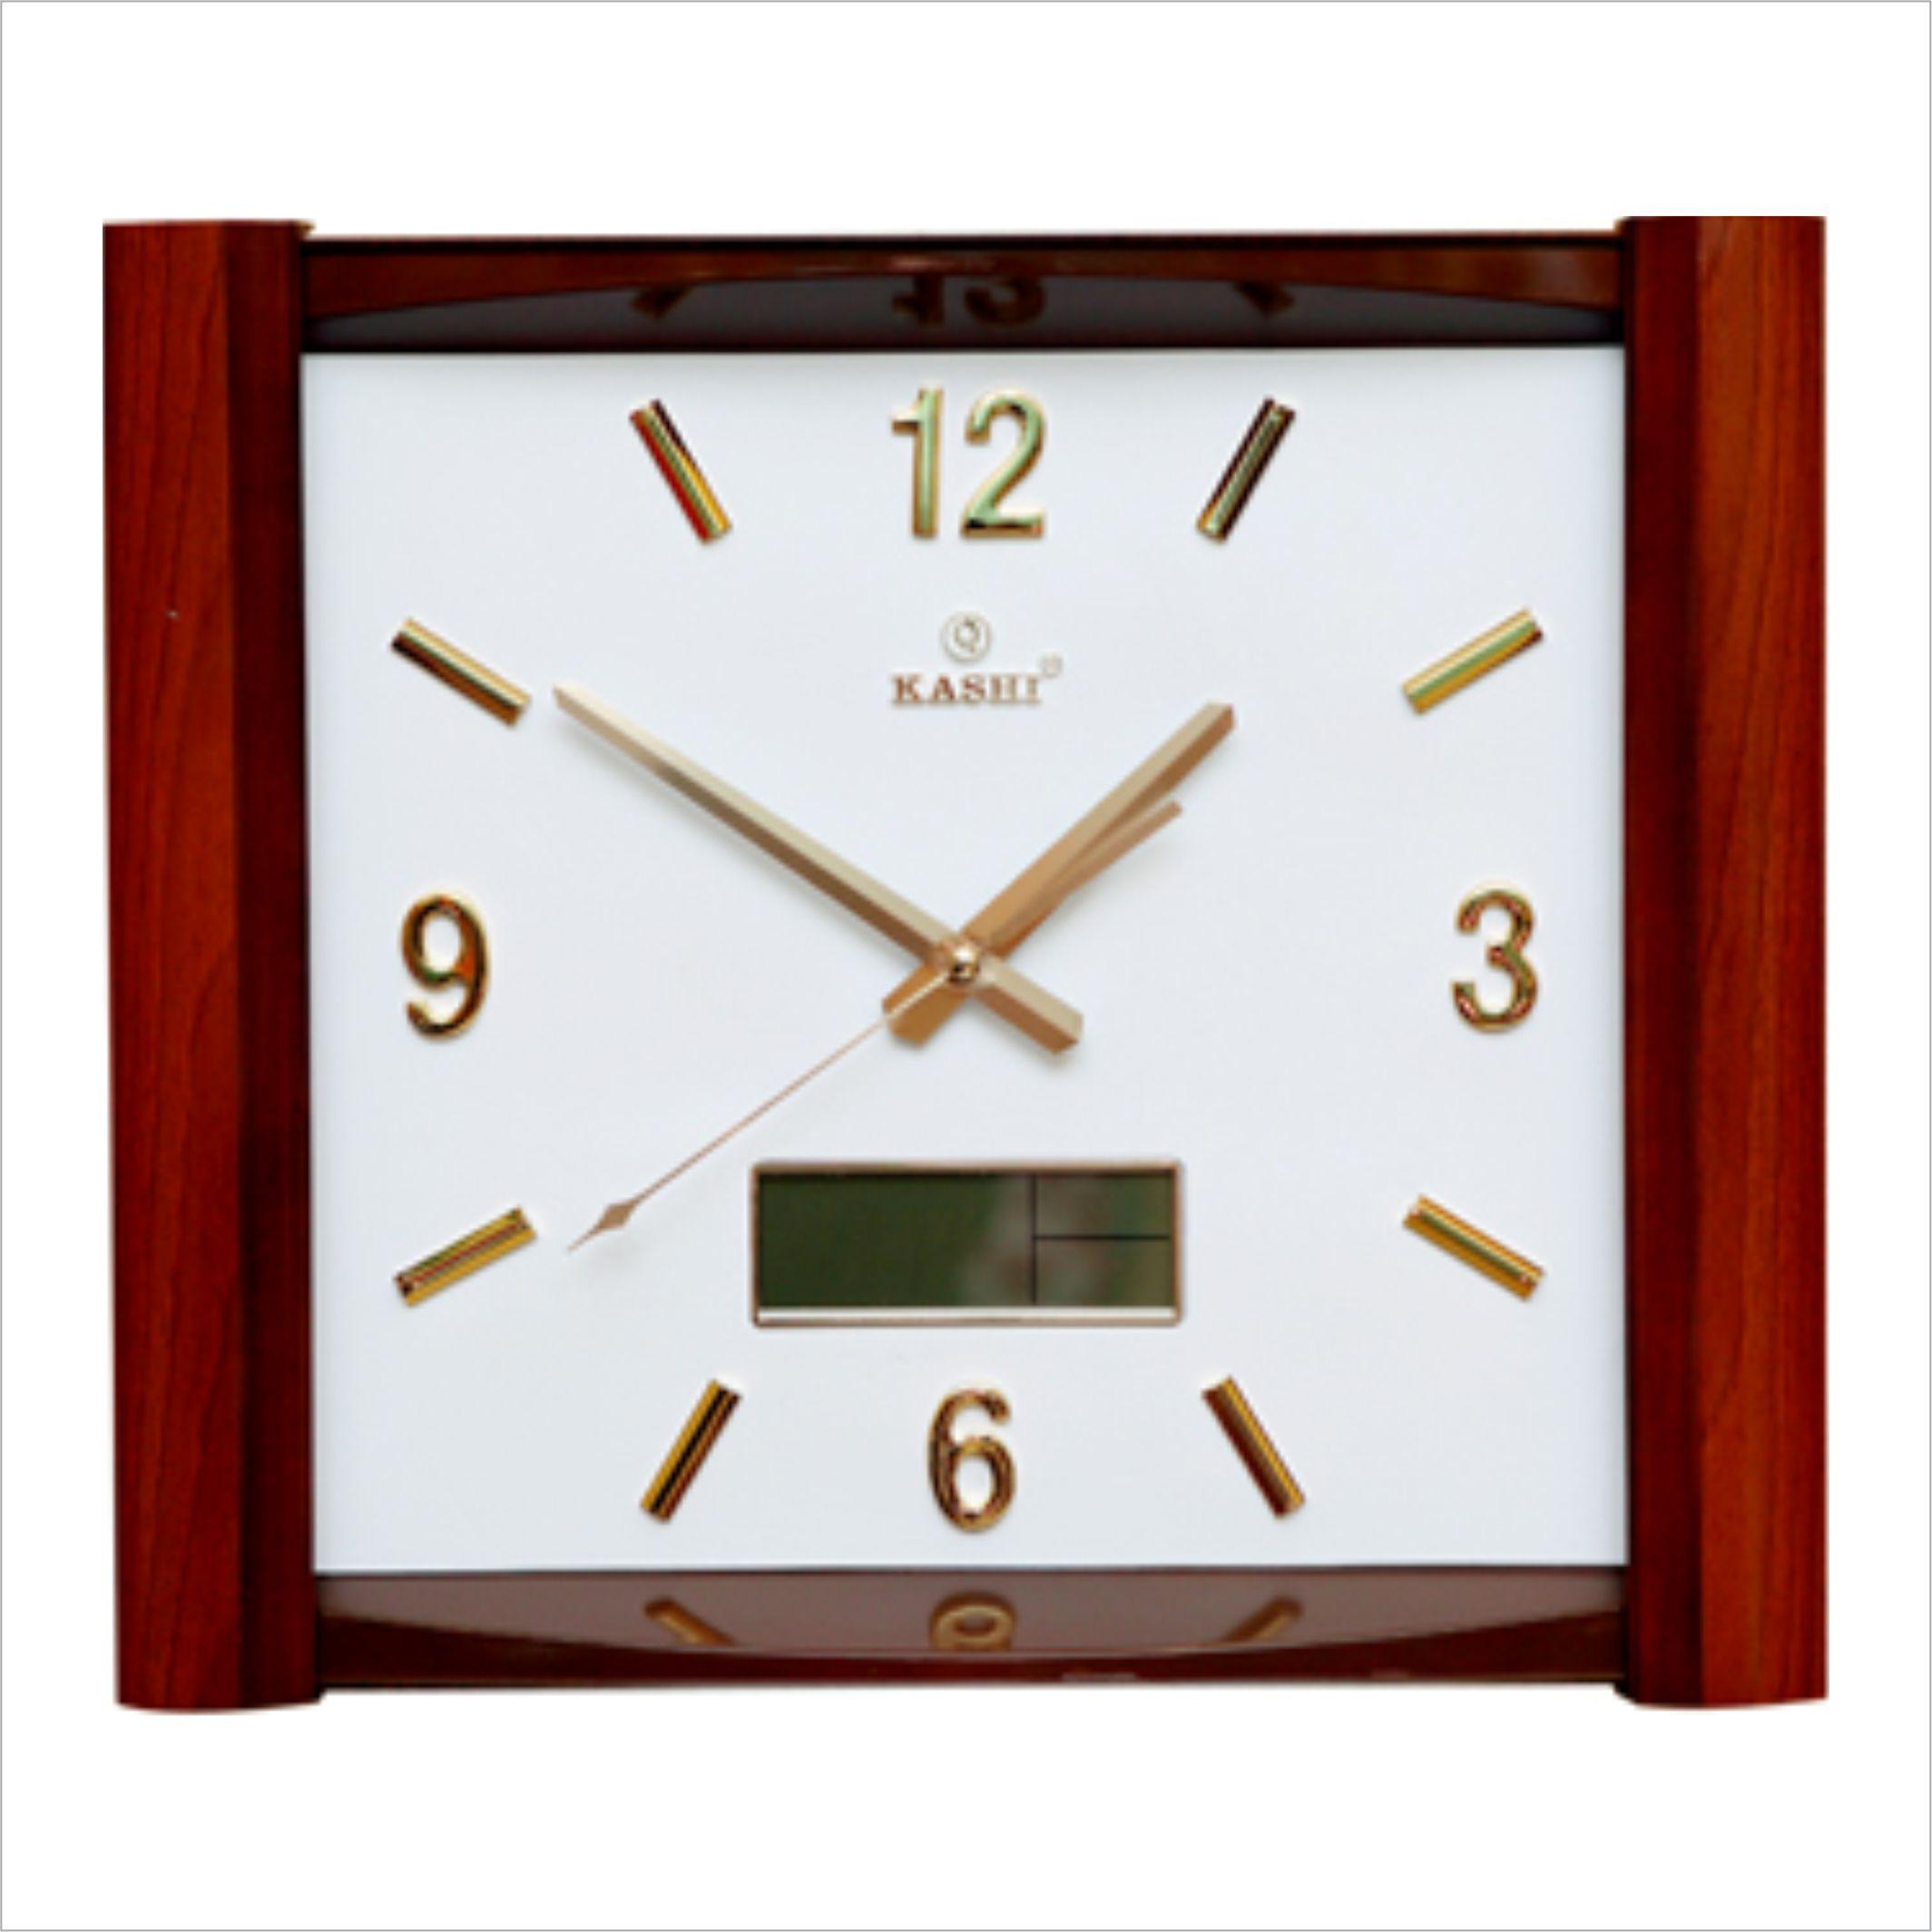 Đồng hồ treo tường DHKN97T Kashi